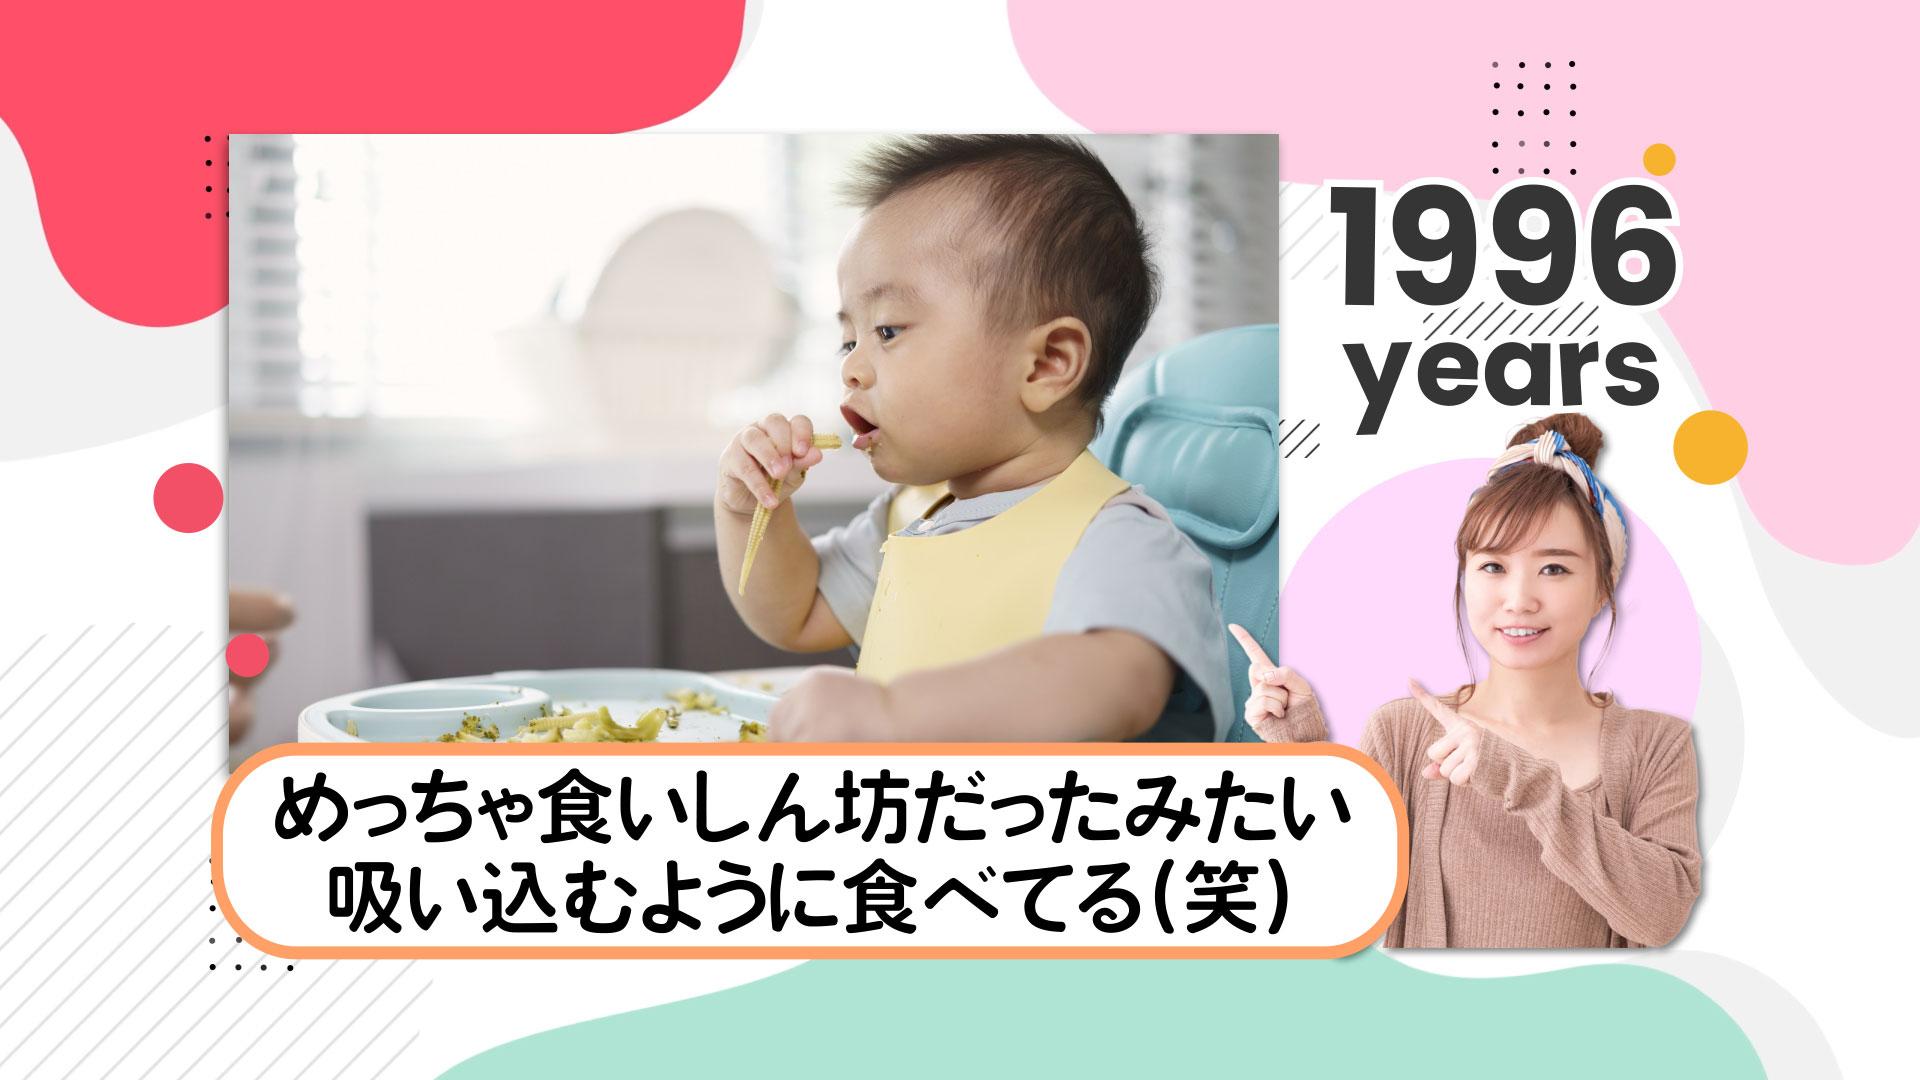 新郎生い立ち(10シーン)